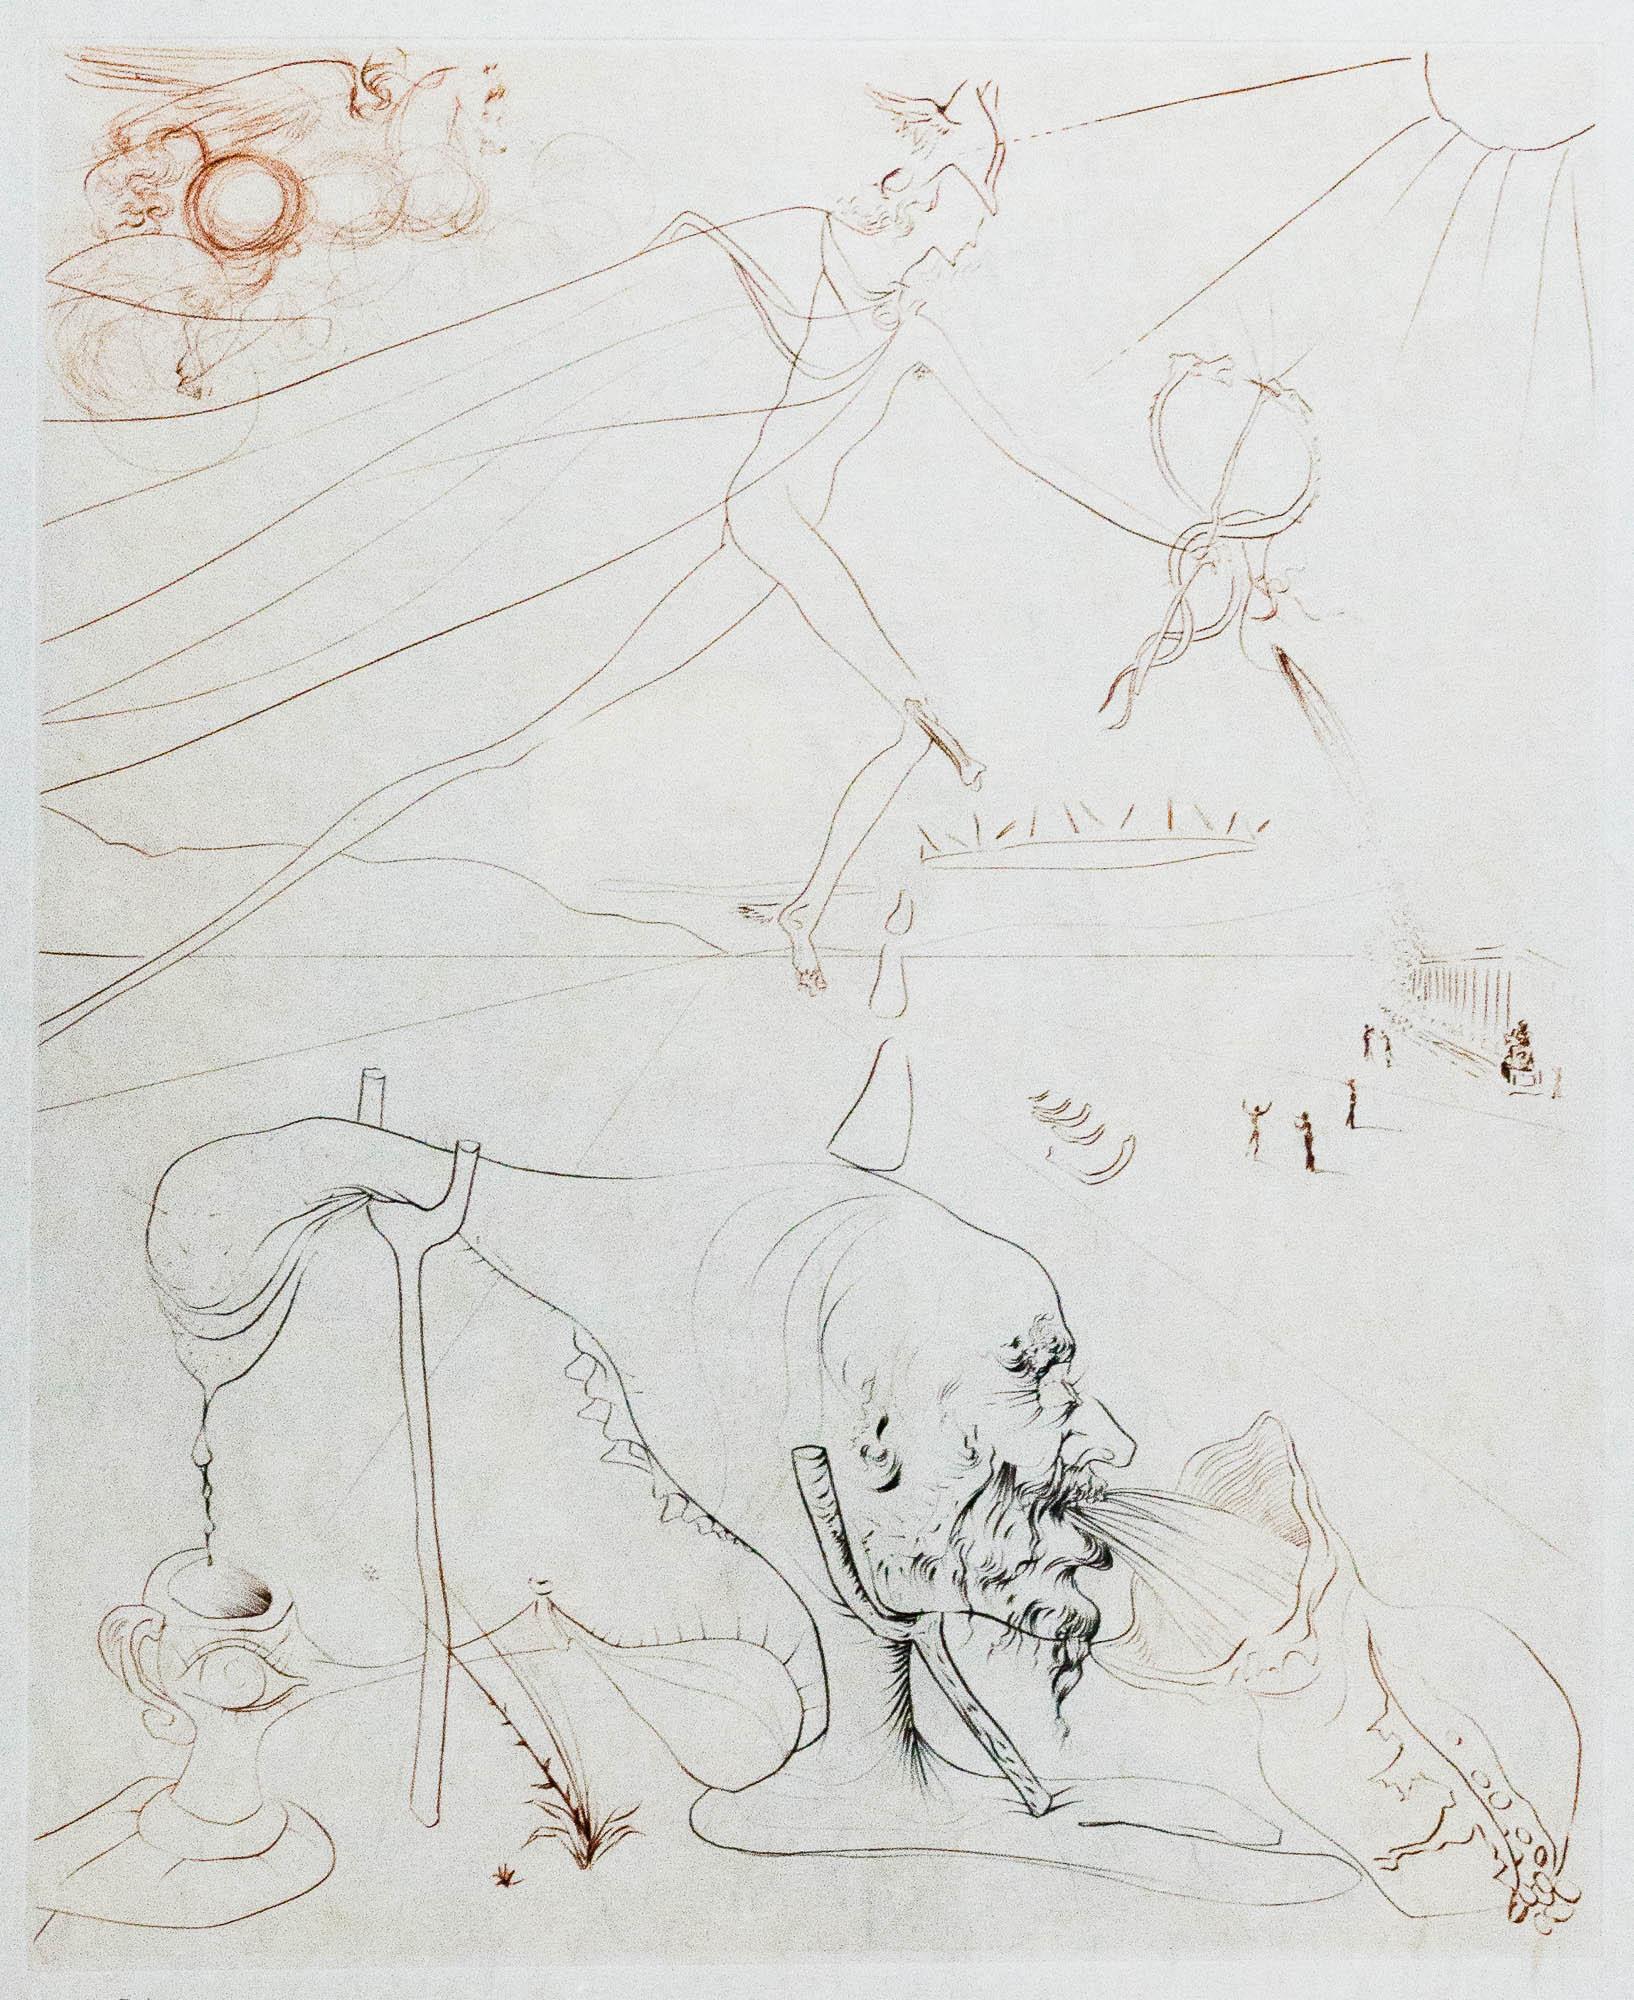 """S. Dali sausa adata atliktas kūrinys """"Alchemikas   Vilniaus aukciono namų nuotr.L'Alchemiste"""" (1973–1975)  """